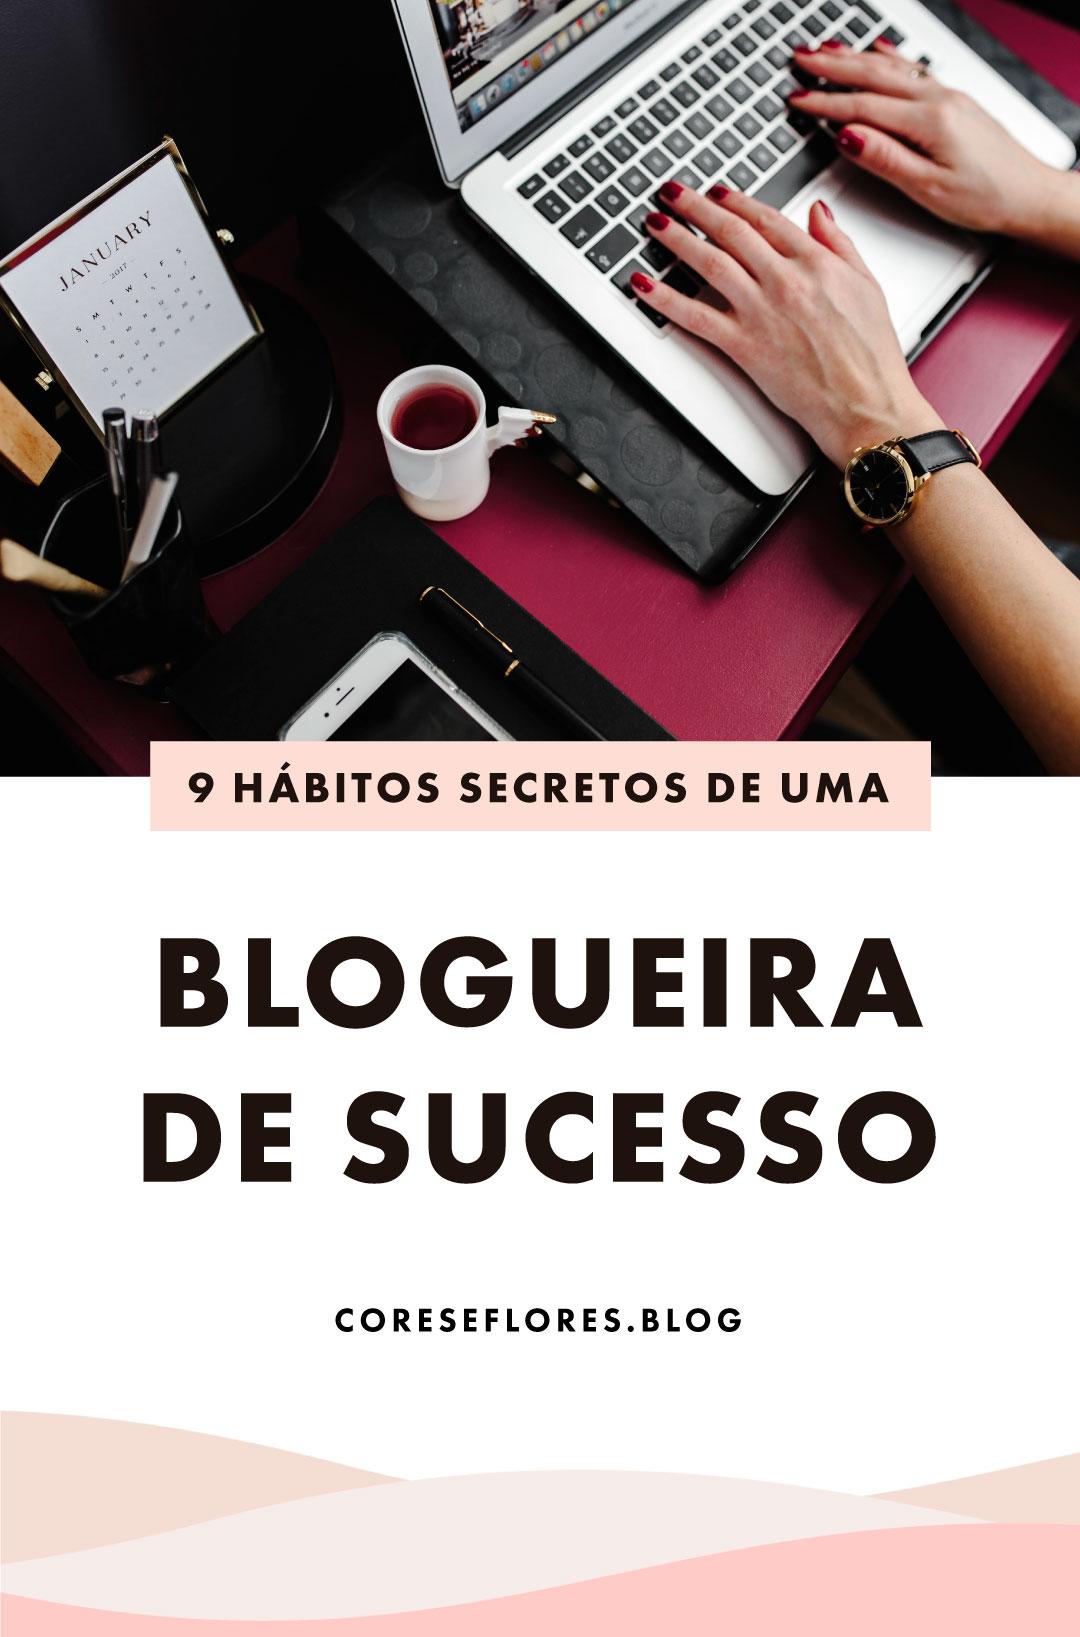 Dicas para blogueiras iniciantes: os 9 hábitos secretos das blogueiras de sucesso